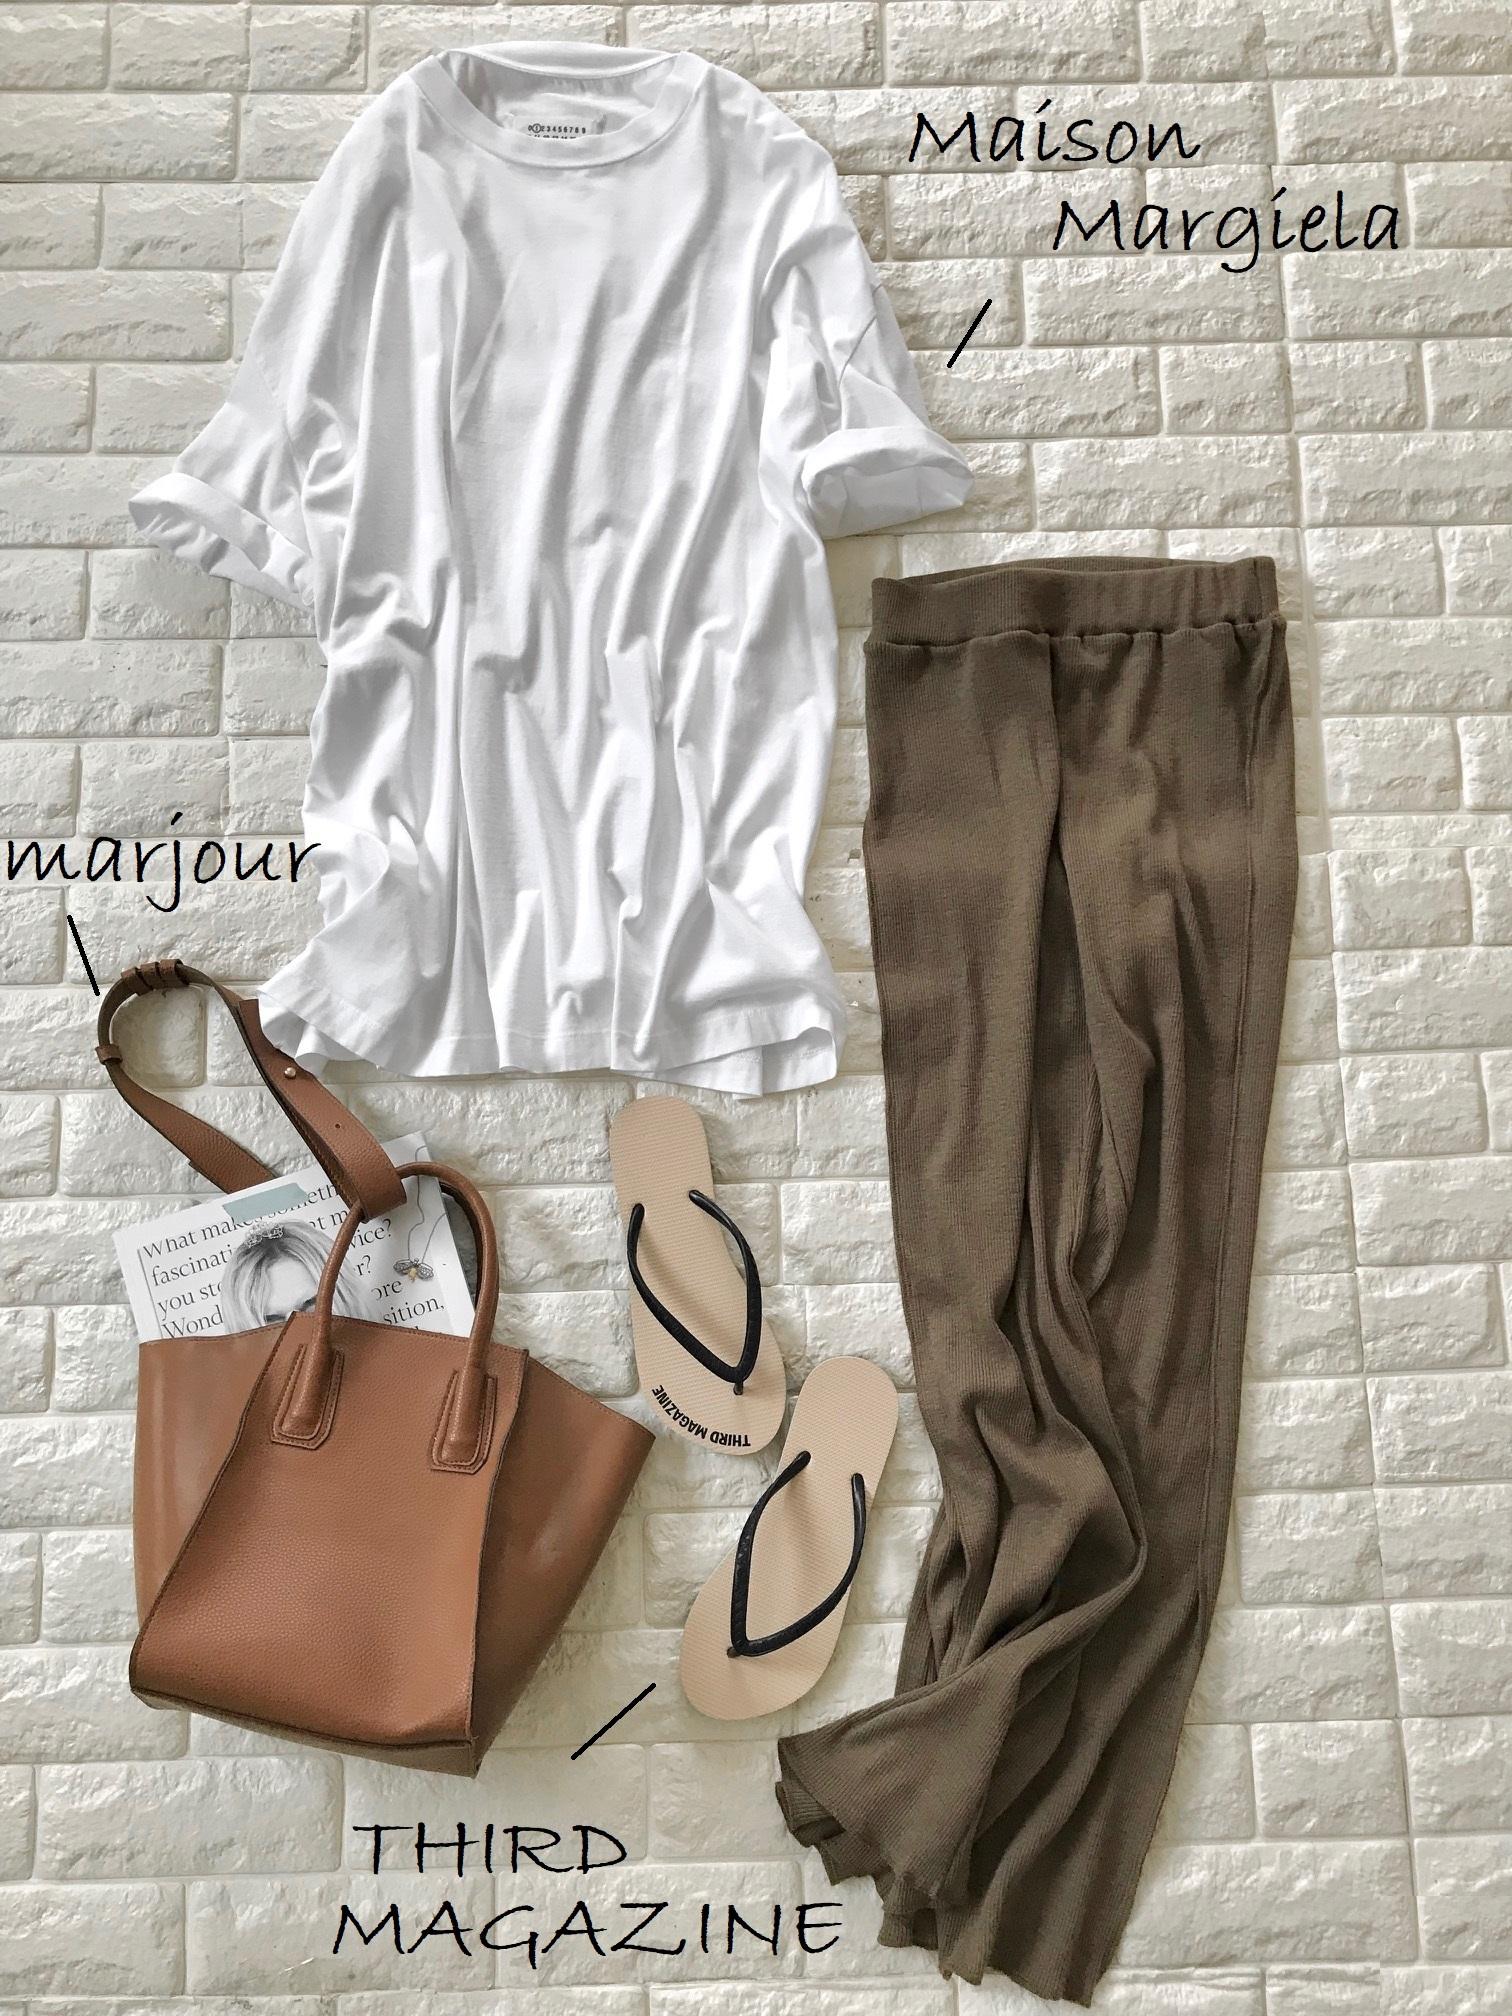 lavishgateのニットパンツと白Tシャツを合わせたコーデ